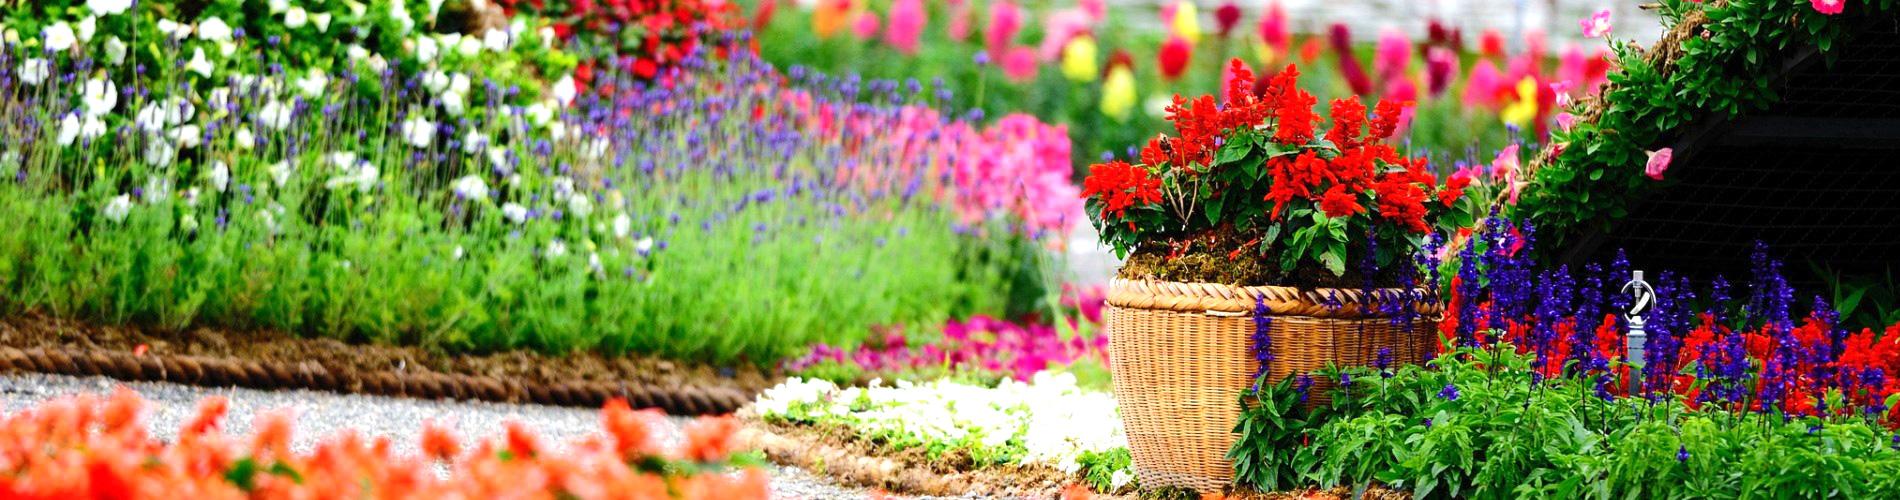 Progettazione e realizzazione giardini privati e pubblici for Progettazione paesaggistica